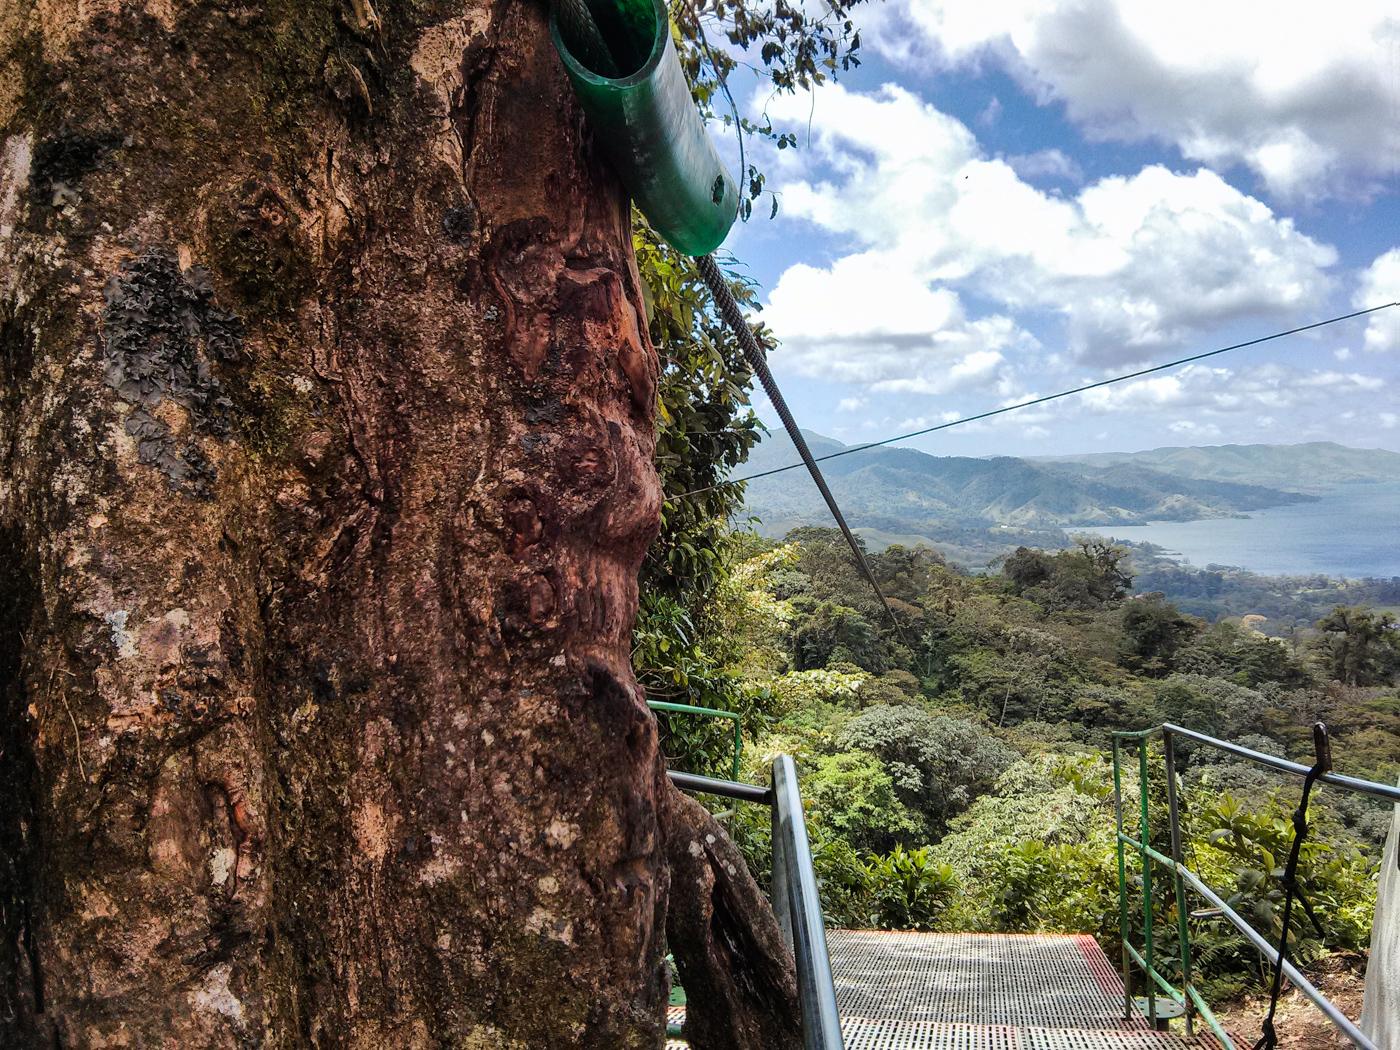 ziplining view on Sky Trek with Sky Adventures Arenal, Costa Rica